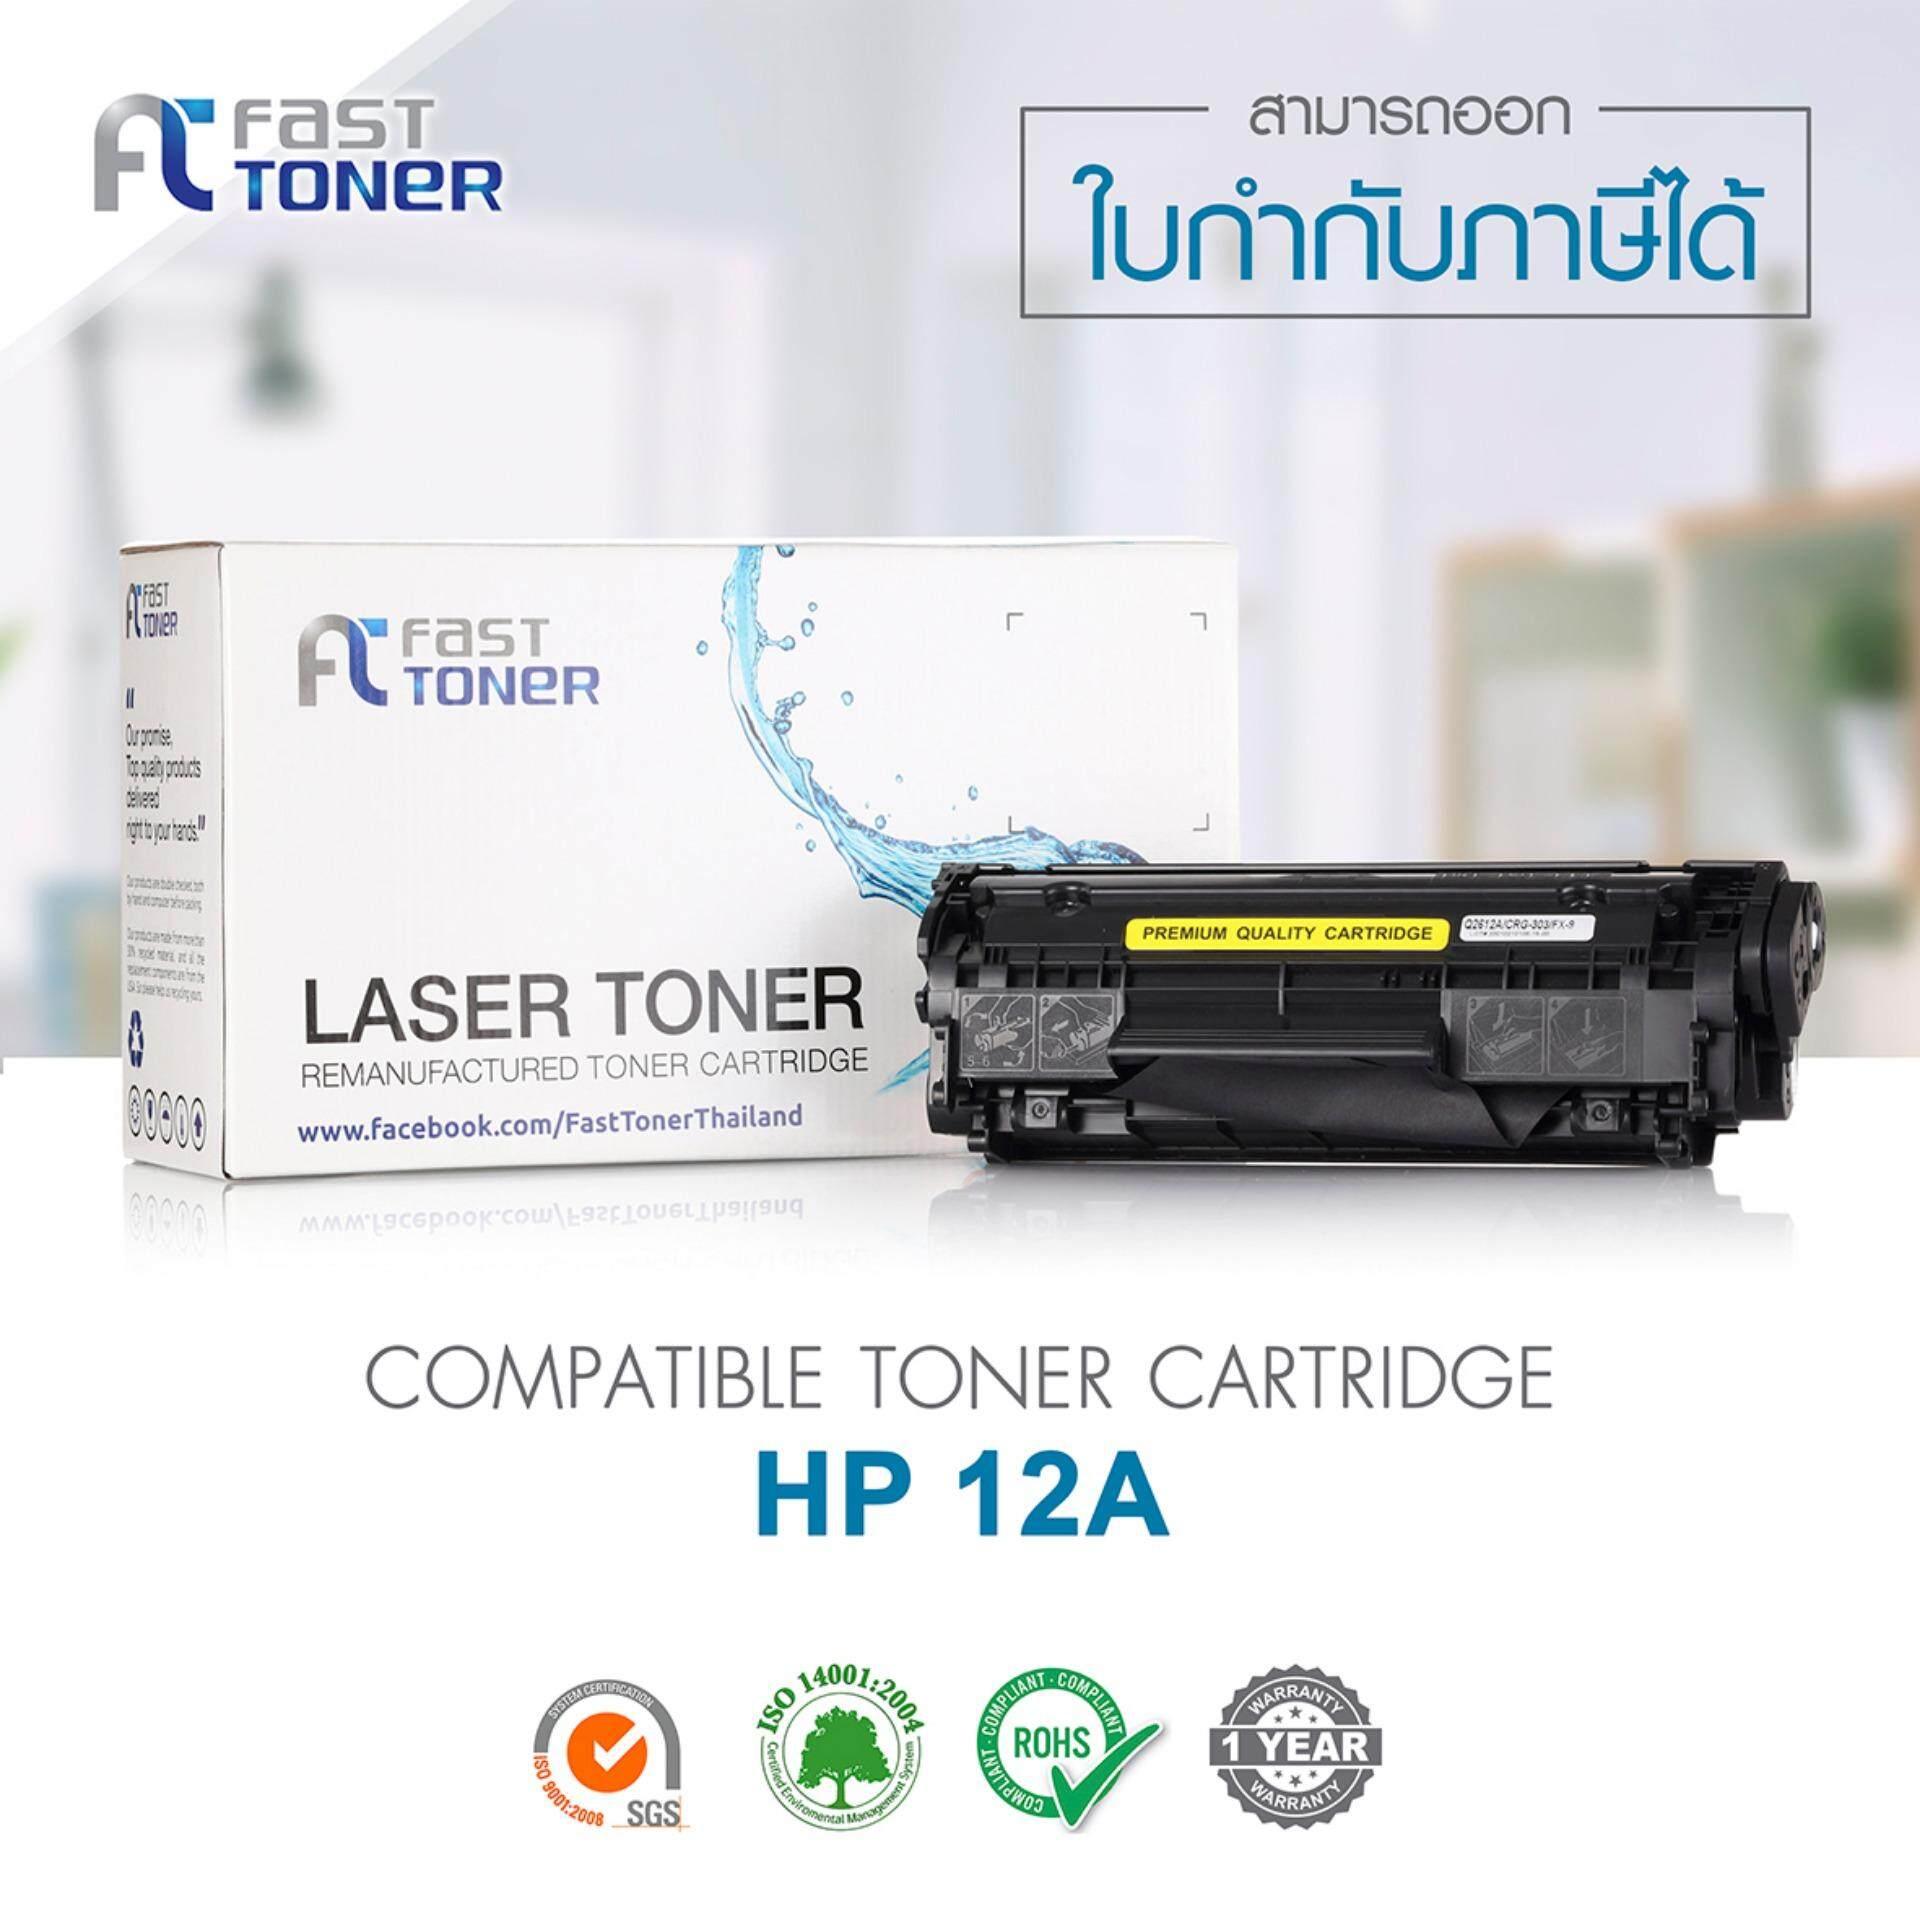 ราคา ตลับหมึกพิมพ์เลเซอร์ Hp Q2612A Hp 12A Fast Toner Black ออนไลน์